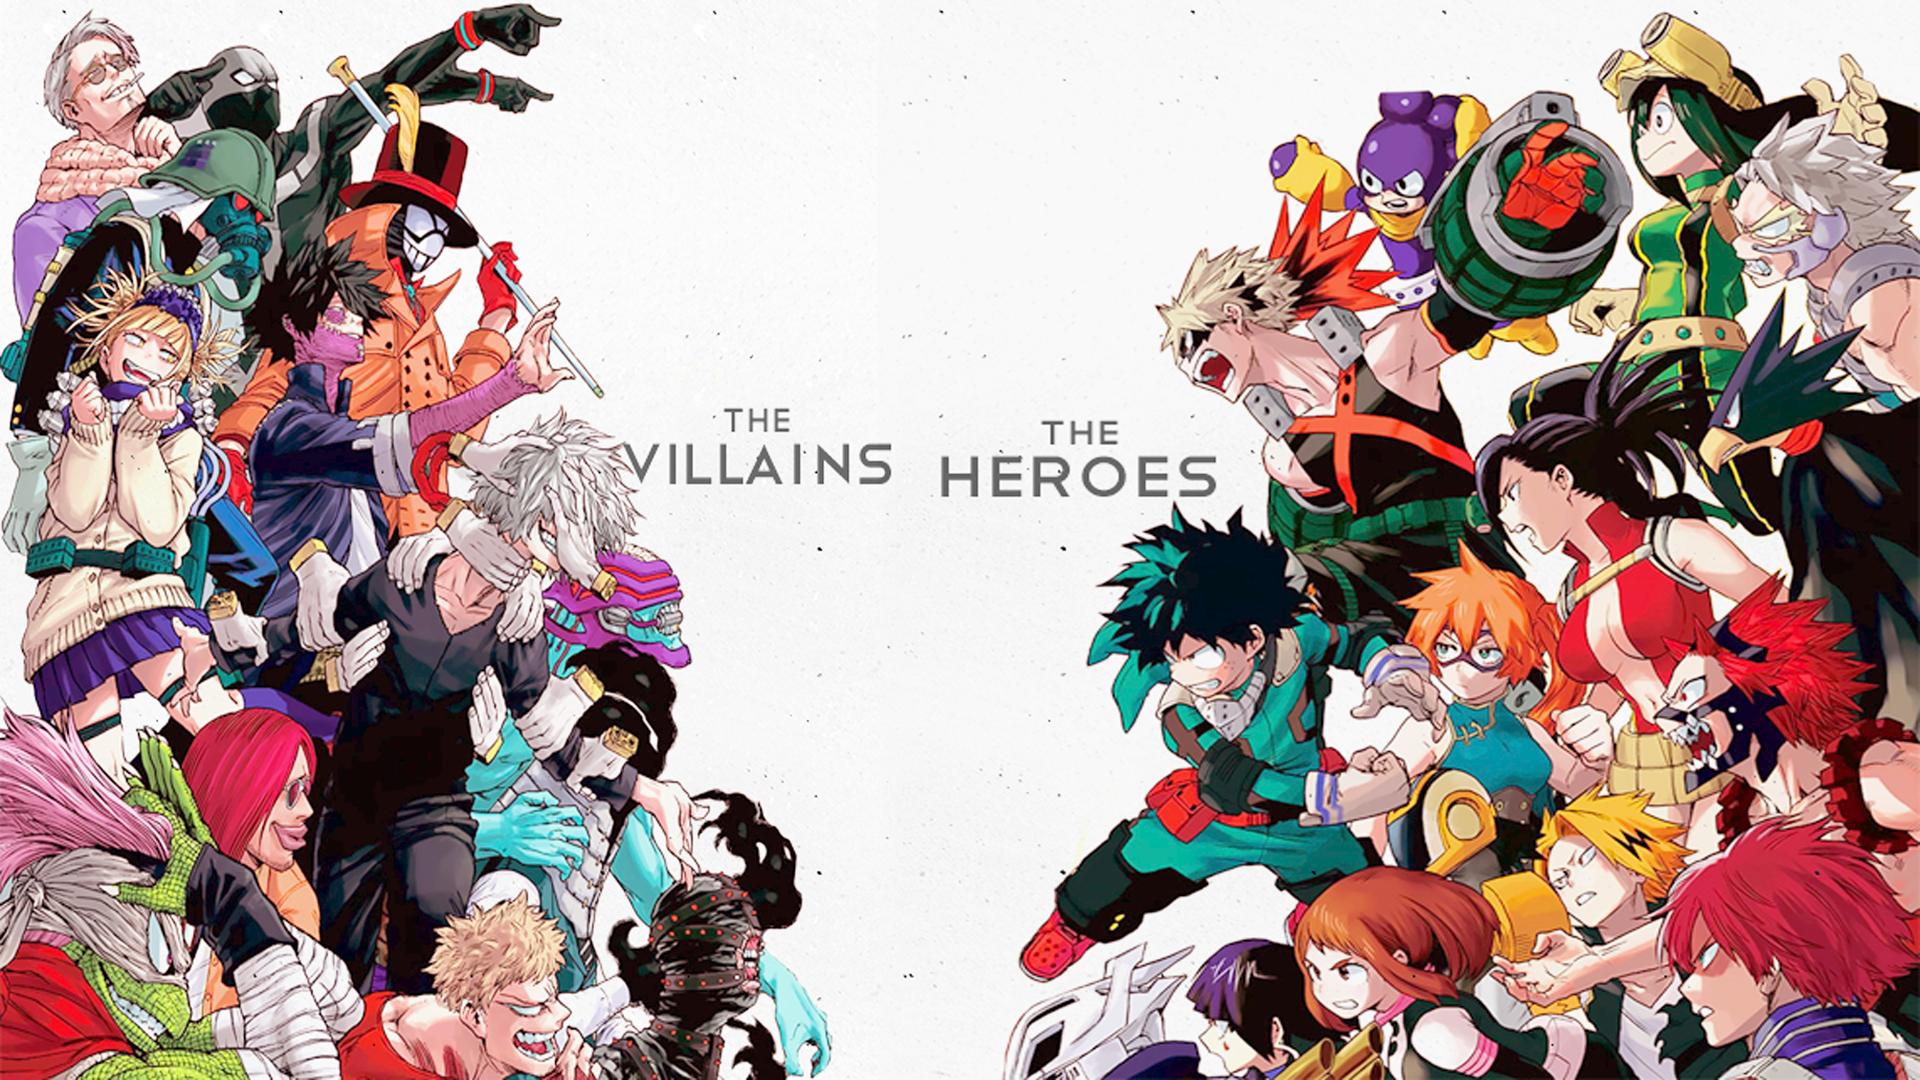 Anime Boku No Hero Academia Dabi Boku No Hero Academia The Broker Boku No Hero Academia Kurogiri Boku No Hero Academi Anime Wallpaper Hero Wallpaper Hero